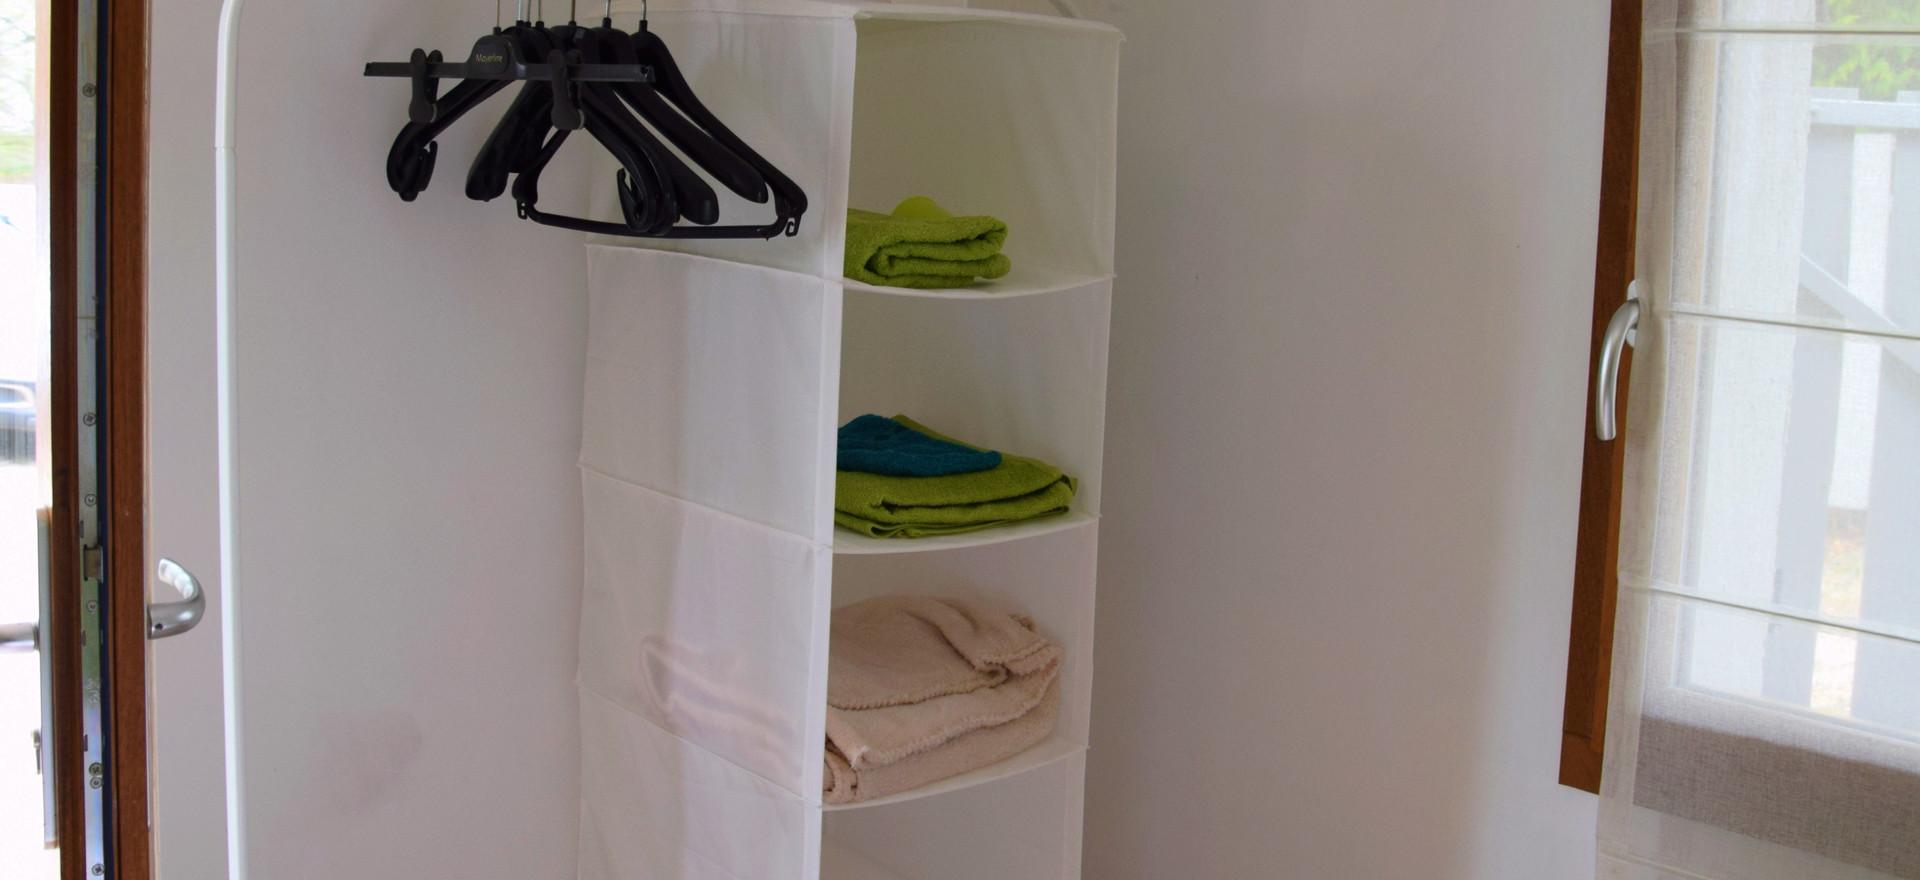 Ook deze kamer komt met eigen handdoeken in de kleur van de kamer.